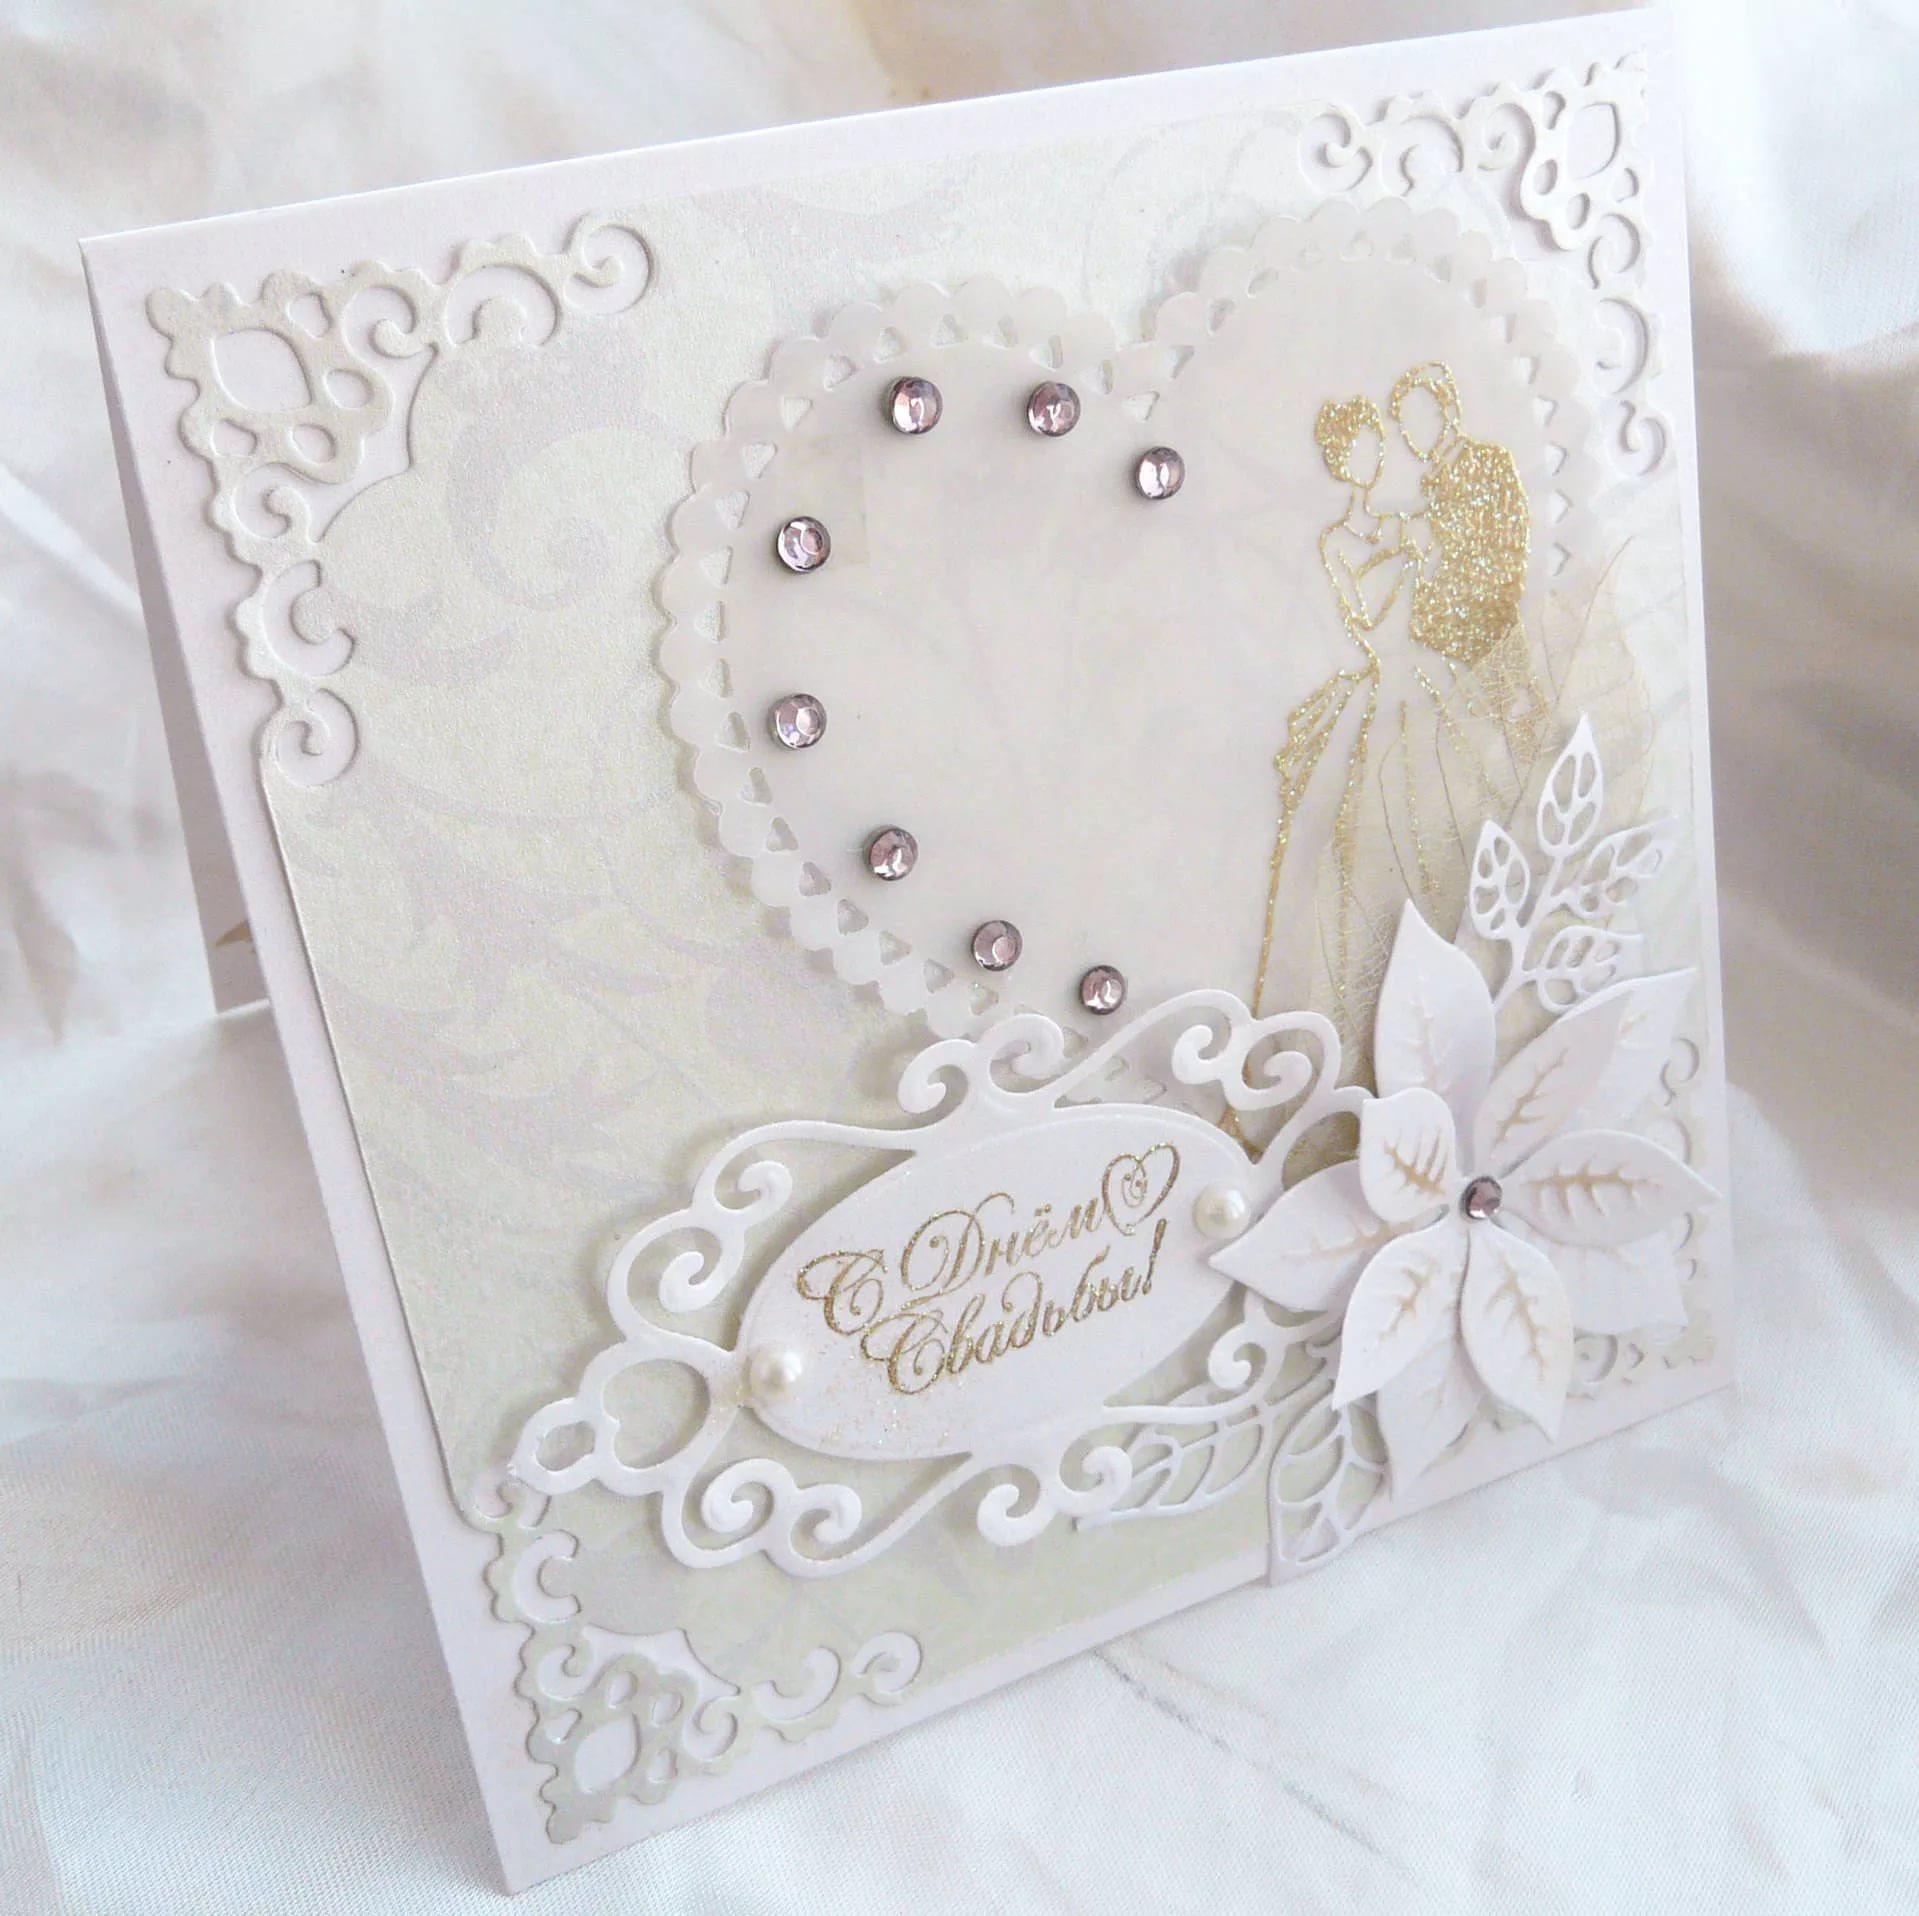 Скрапбукинг идеи для открыток для свадьбы